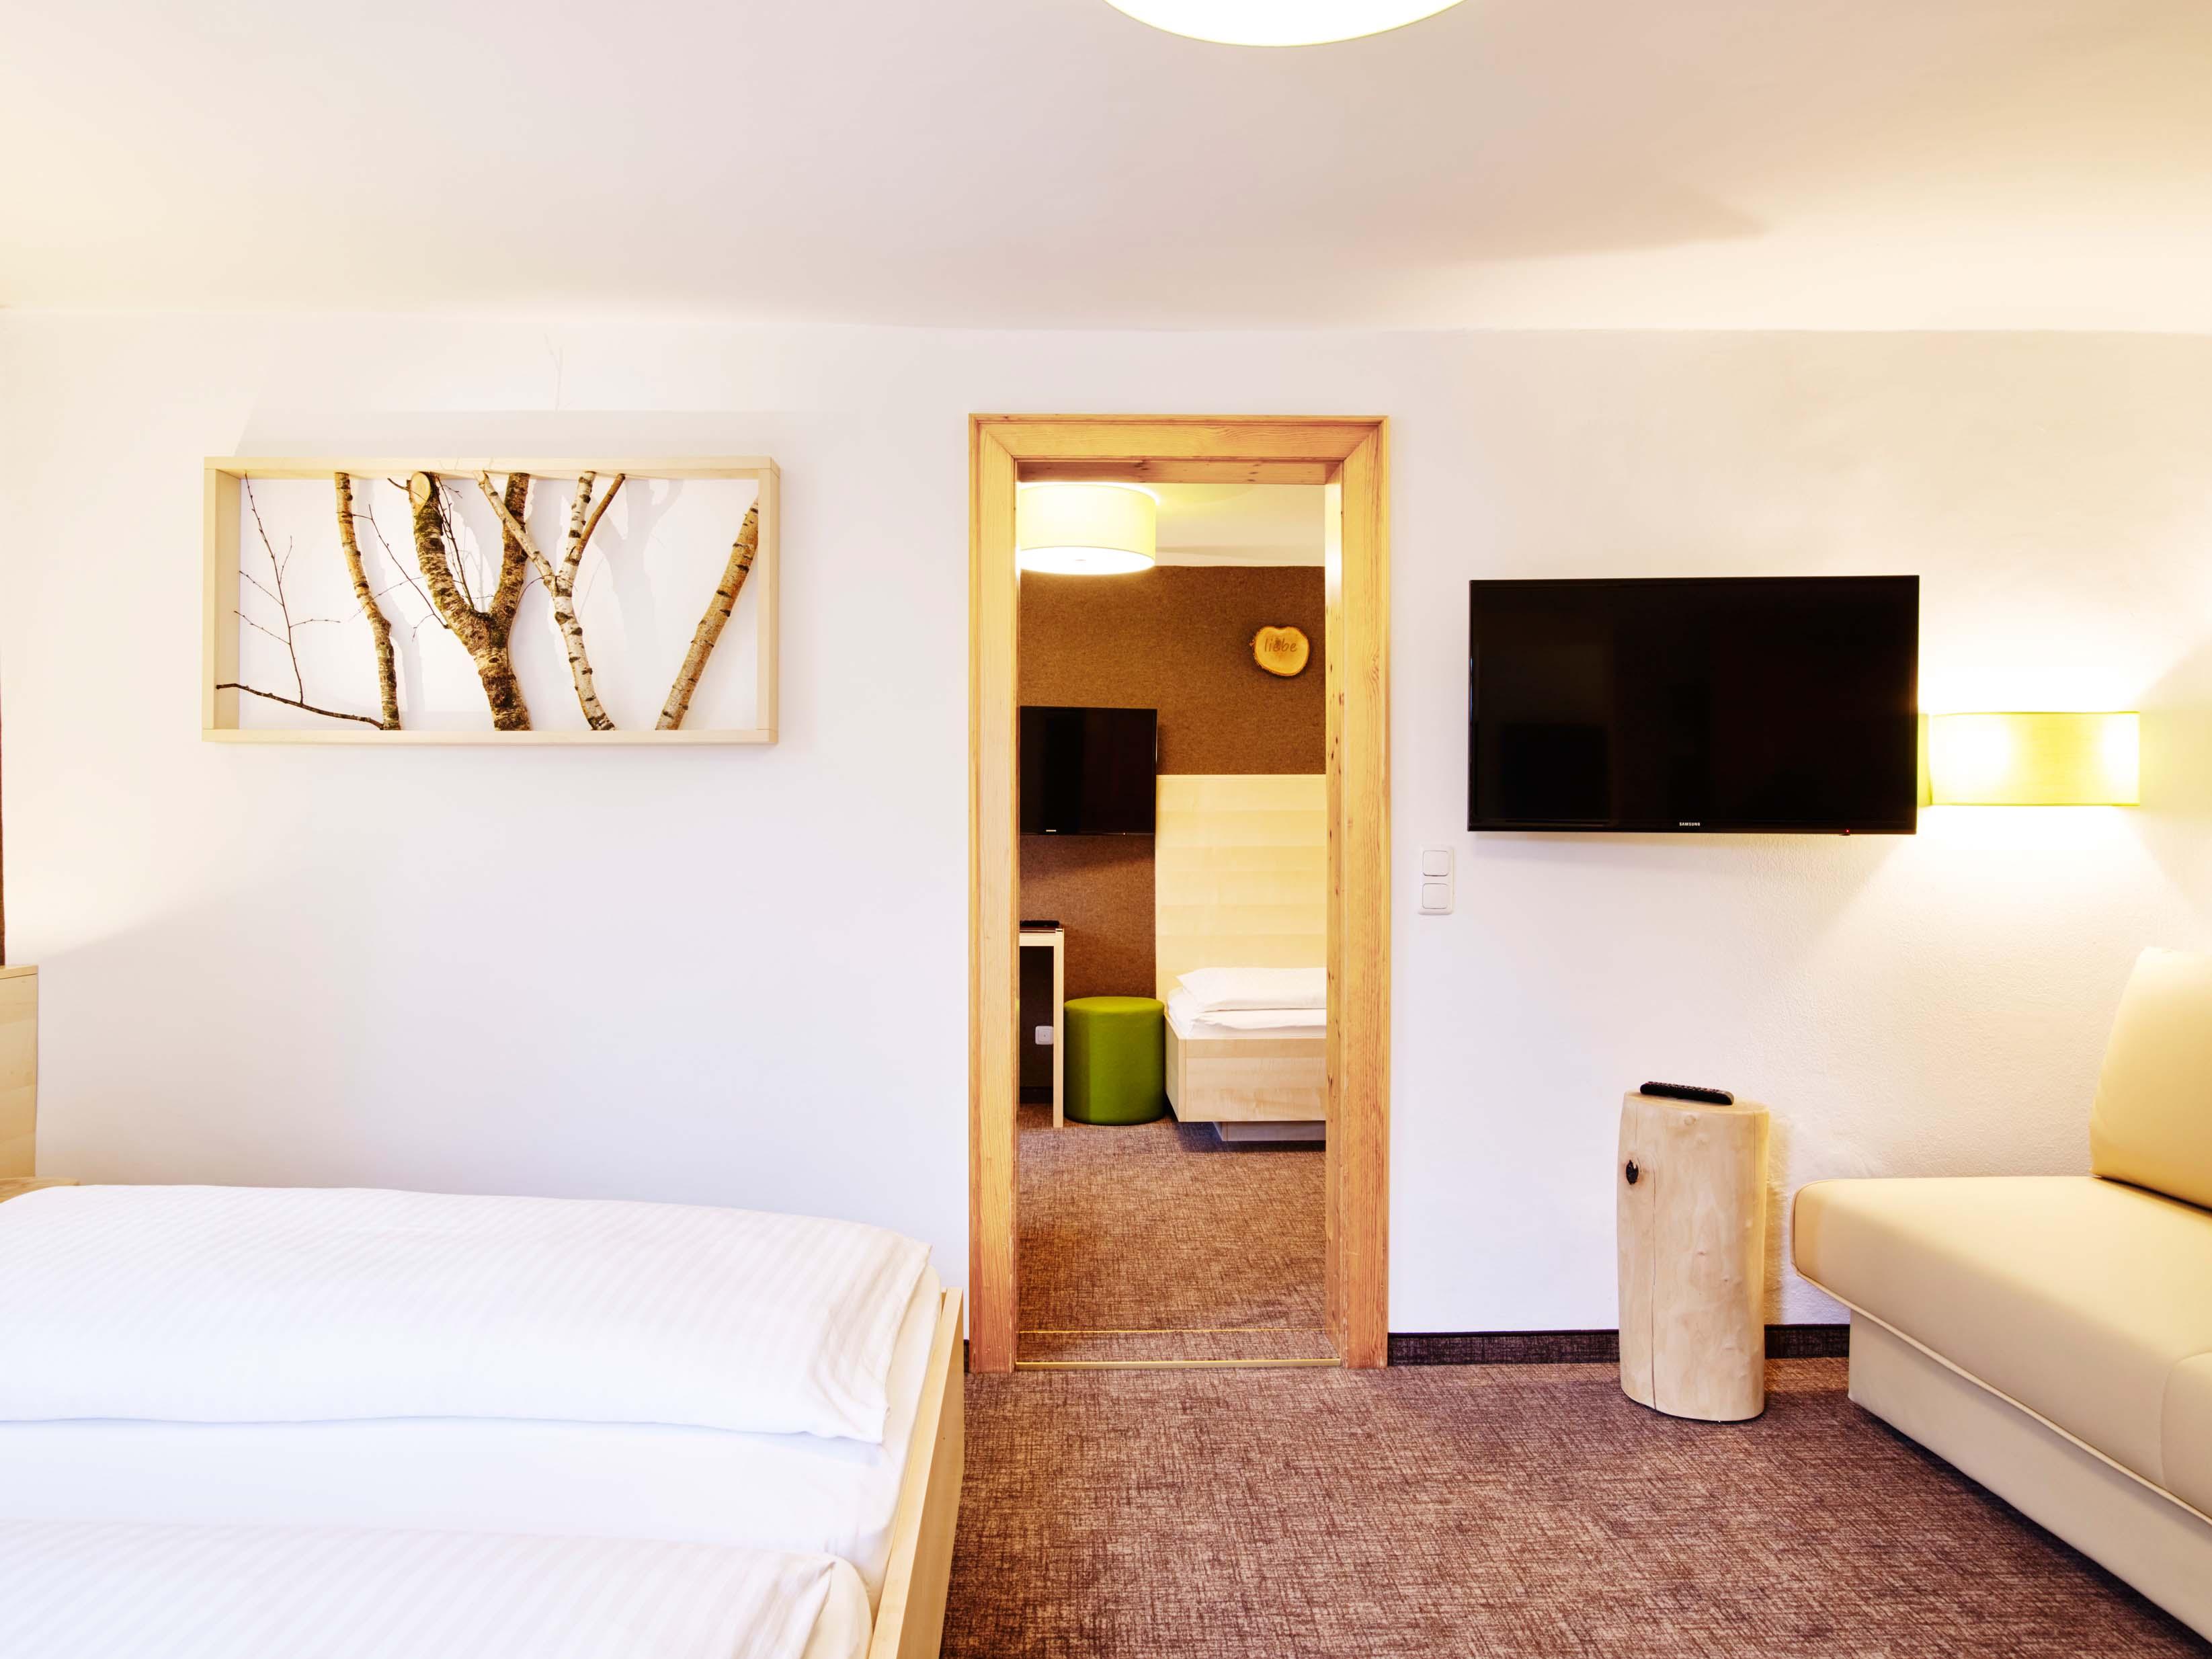 2015_06_08_Hotel_Zur_Post_Salzburg70445-Kopie